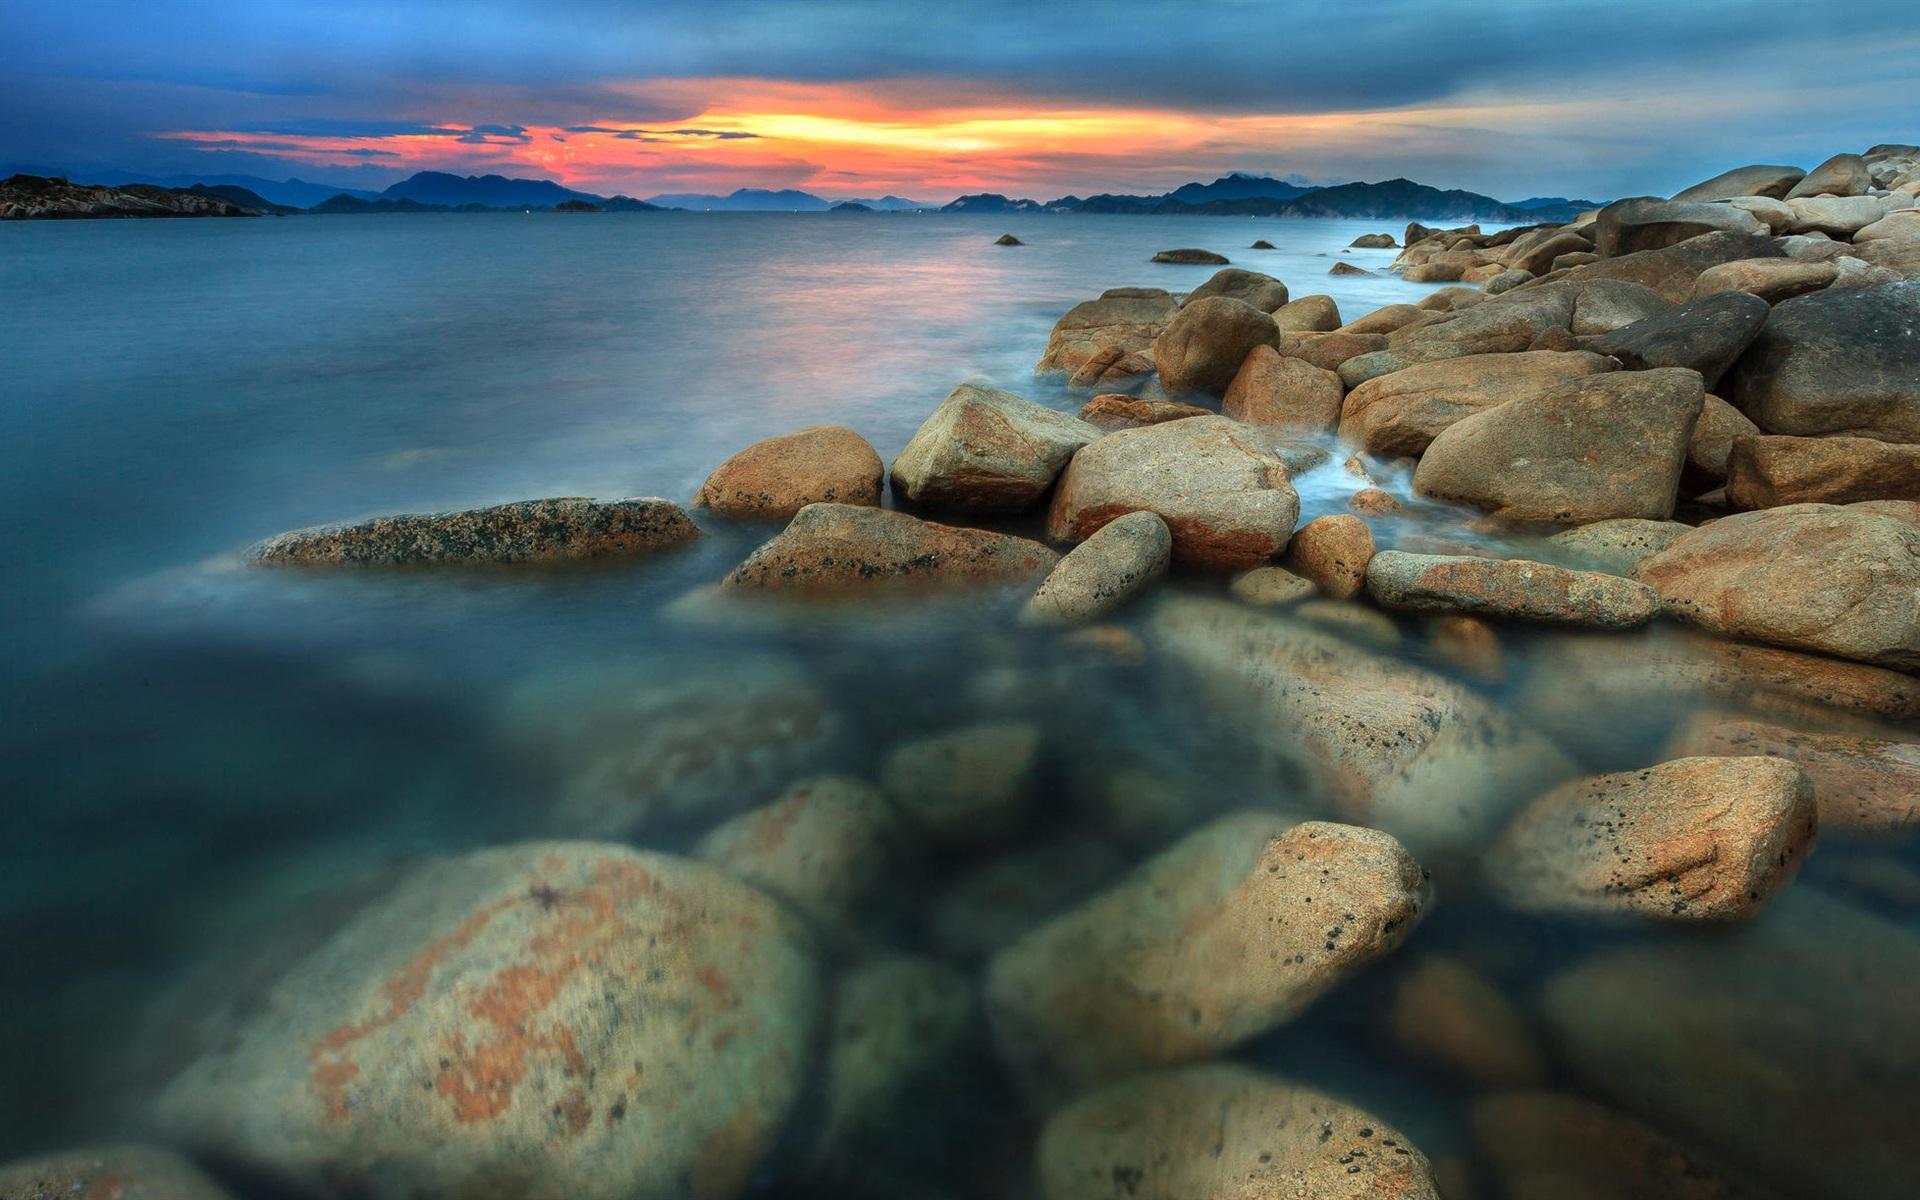 море берег камни закат sea shore stones sunset  № 1033145 без смс